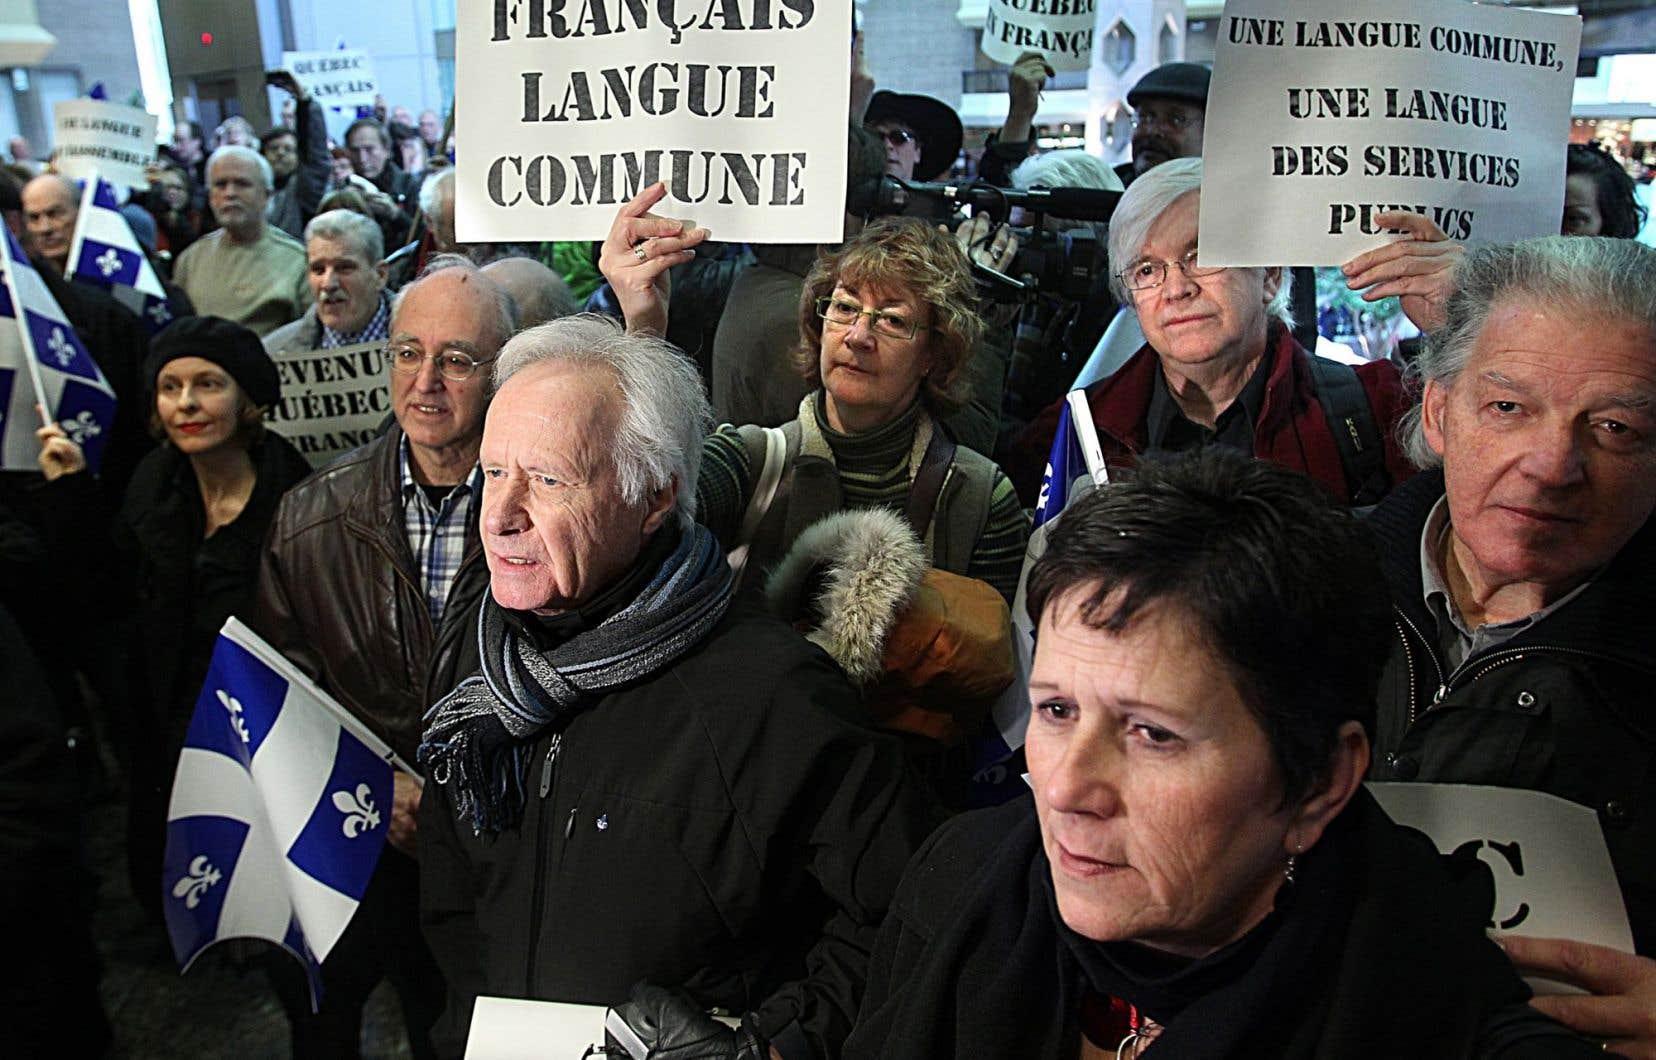 Les auteurs rappellent que, selon la loi101, un employeur ne peut pas exiger la connaissance d'une langue autre que la langue française pour l'accès à un emploi à moins que l'accomplissement de la tâche le «nécessite».